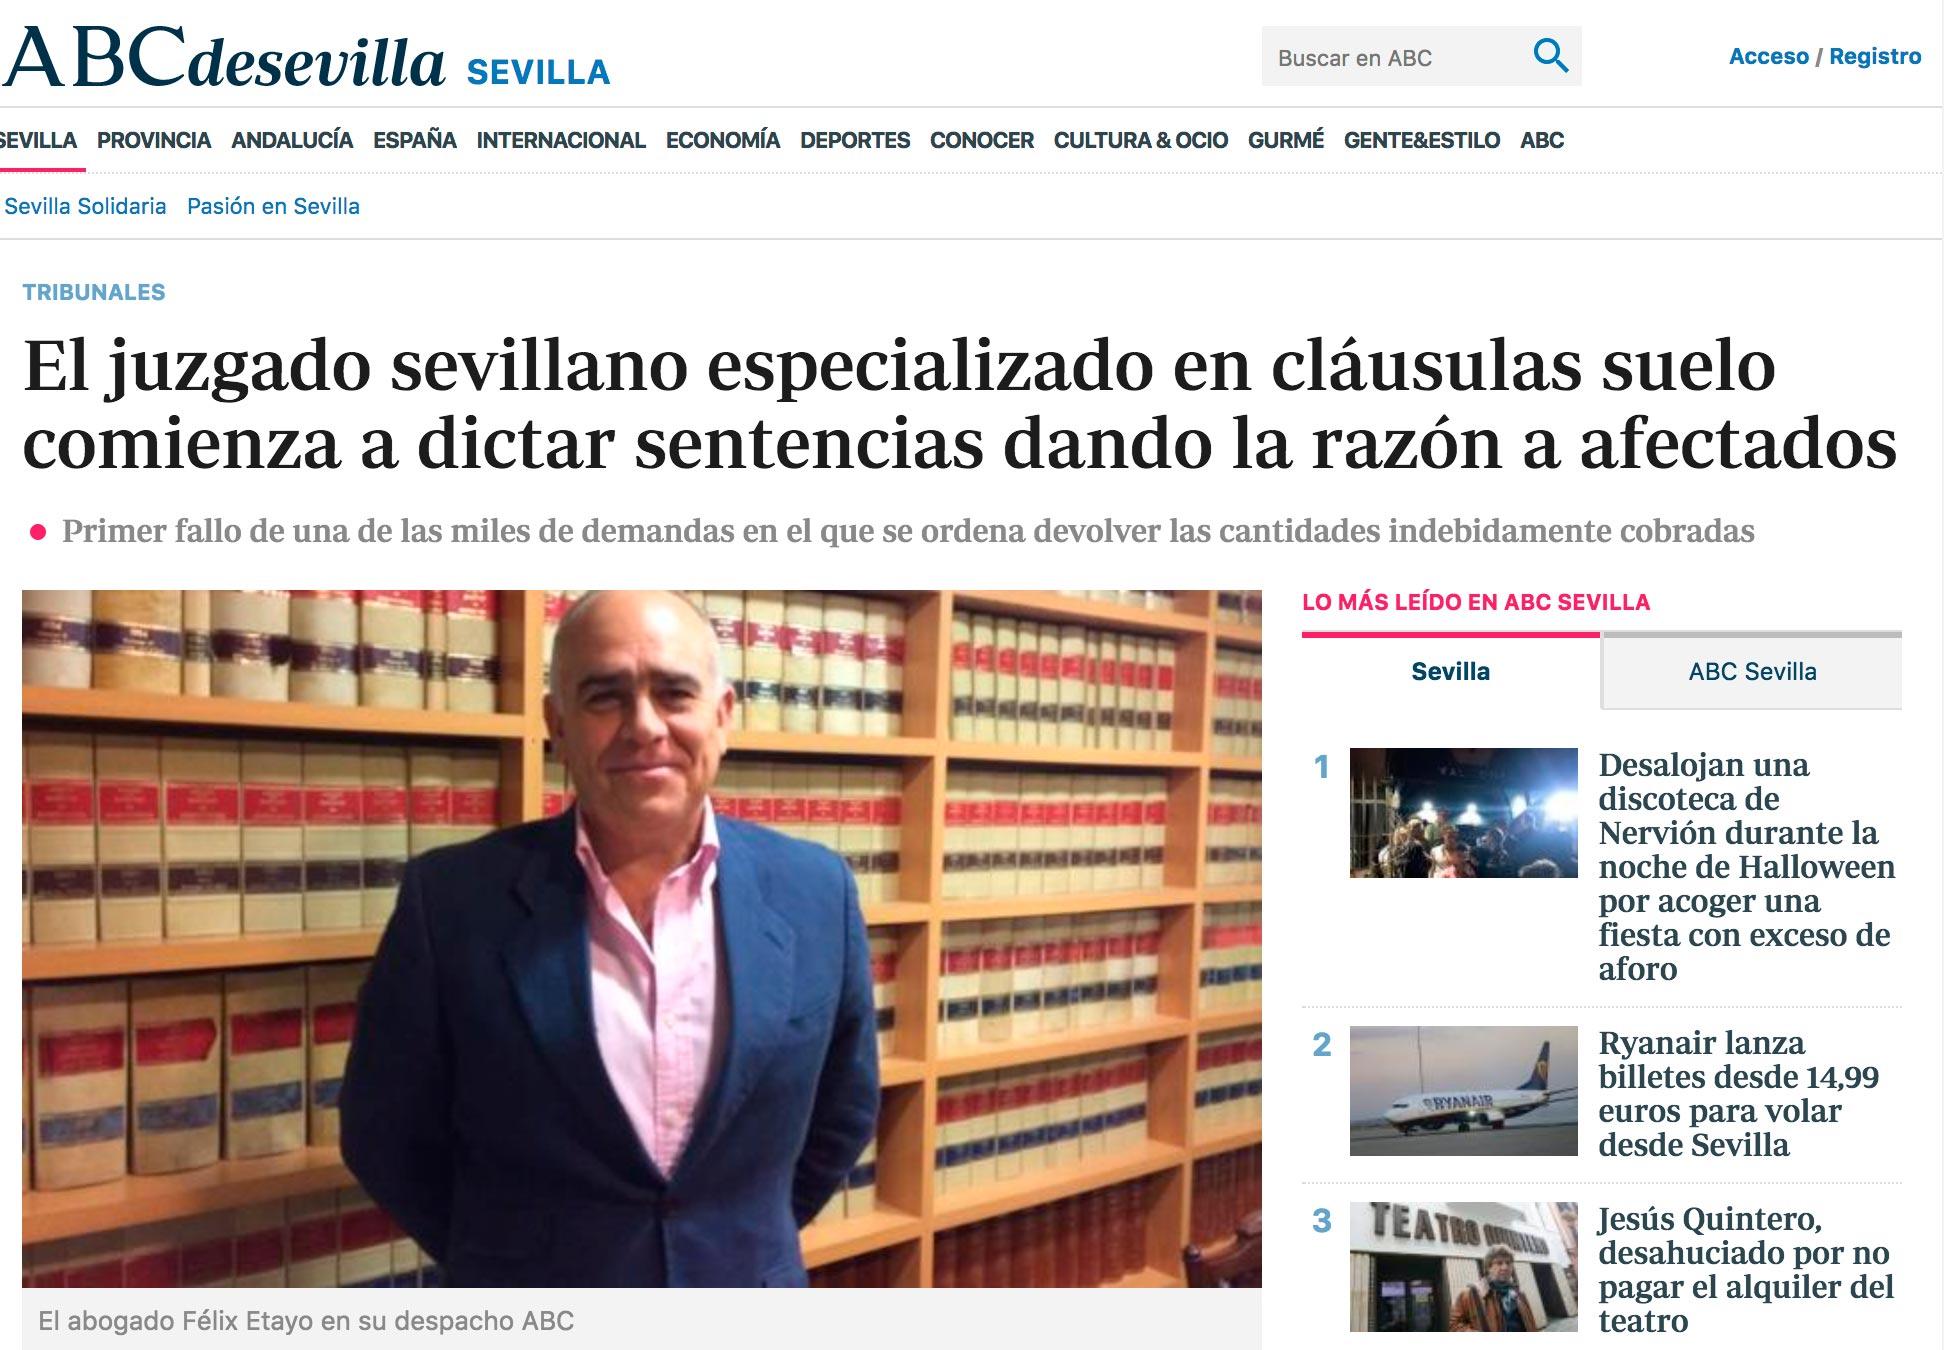 Felix etayo abogados sevilla for Abogados clausula suelo sevilla